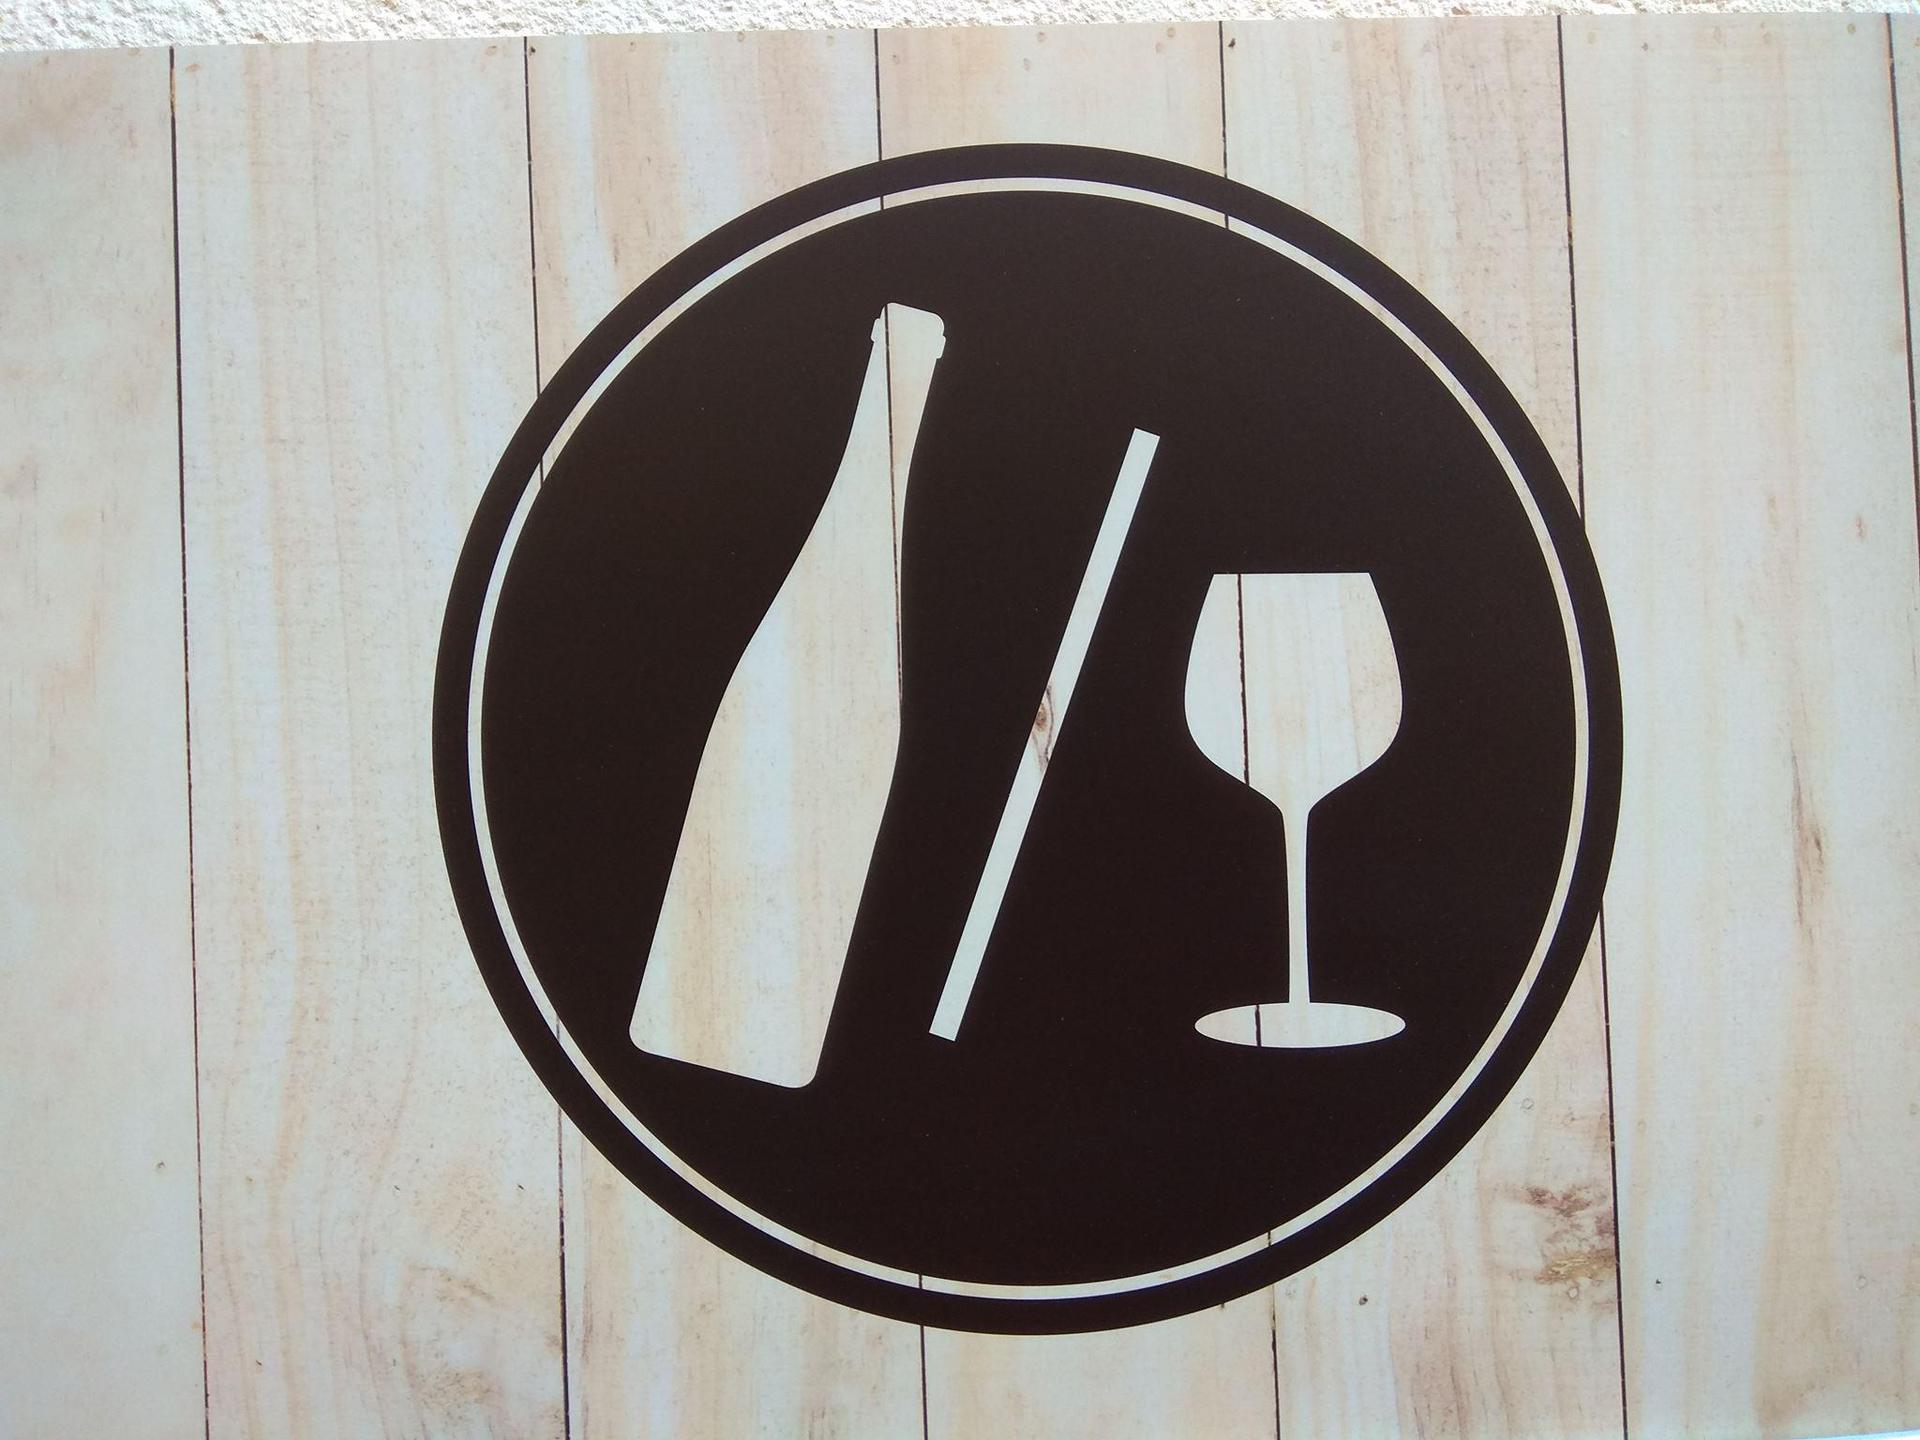 Vin Sur Vin SARL café, bar, brasserie